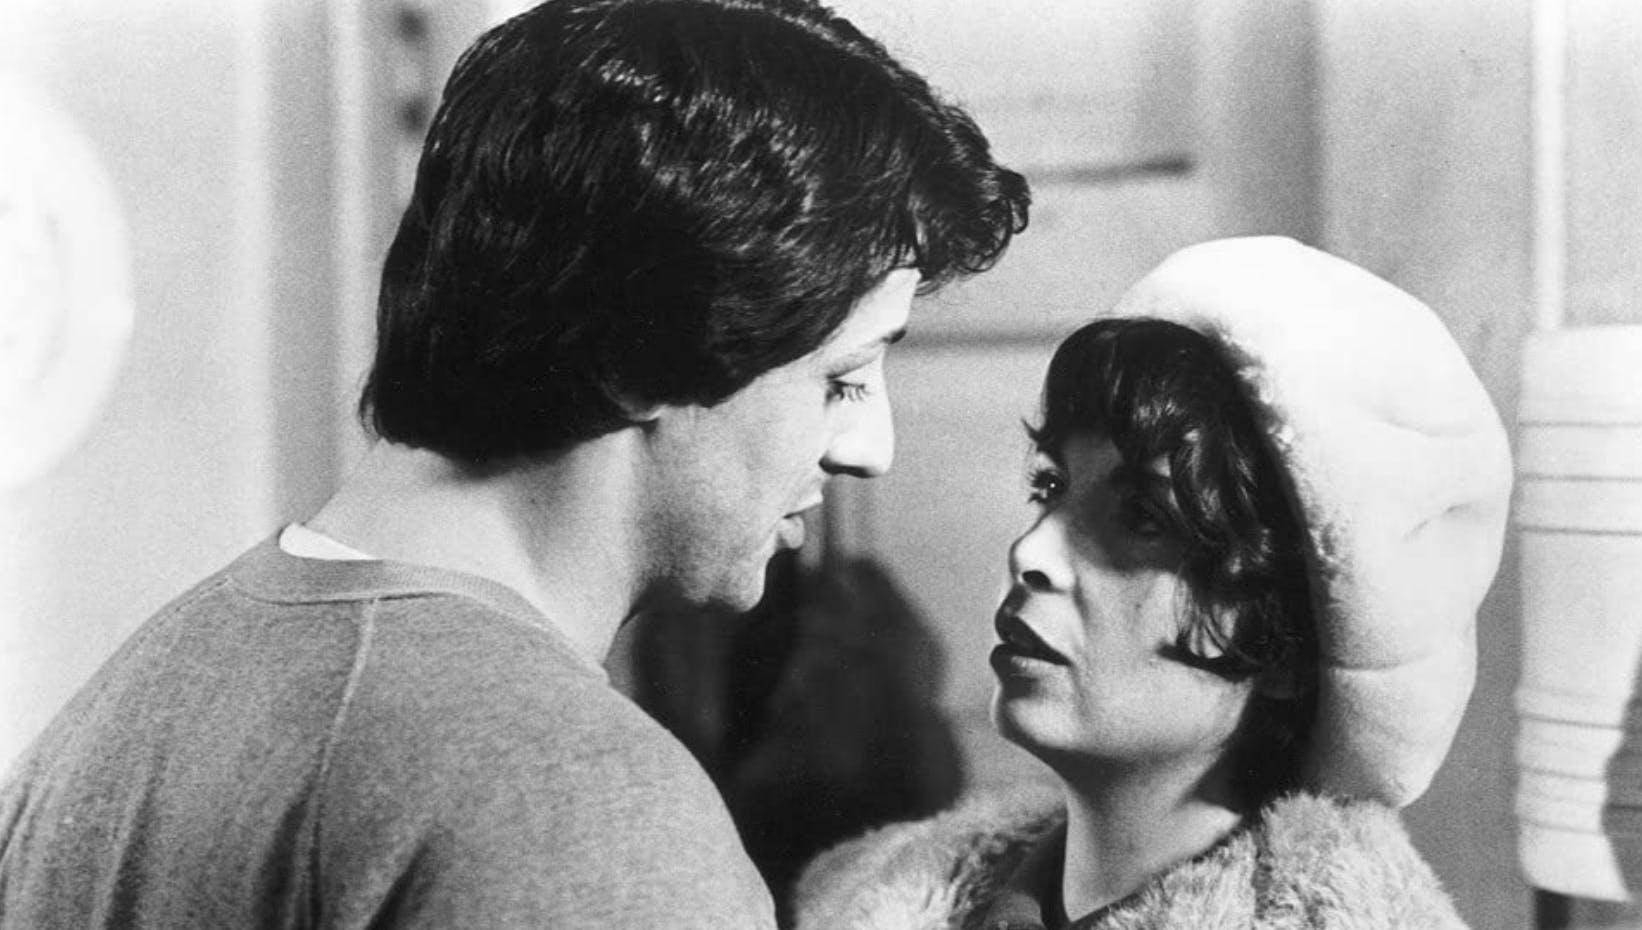 «Rocky» (1976): Im Gespräch mit Adrian (Talia Shire) gesteht Rocky, dass er jeden Morgen Schmerzen hat: «Ich möchte mir am liebsten ein Taxi rufen, das mich vom Bett zum Badezimmer fährt.»